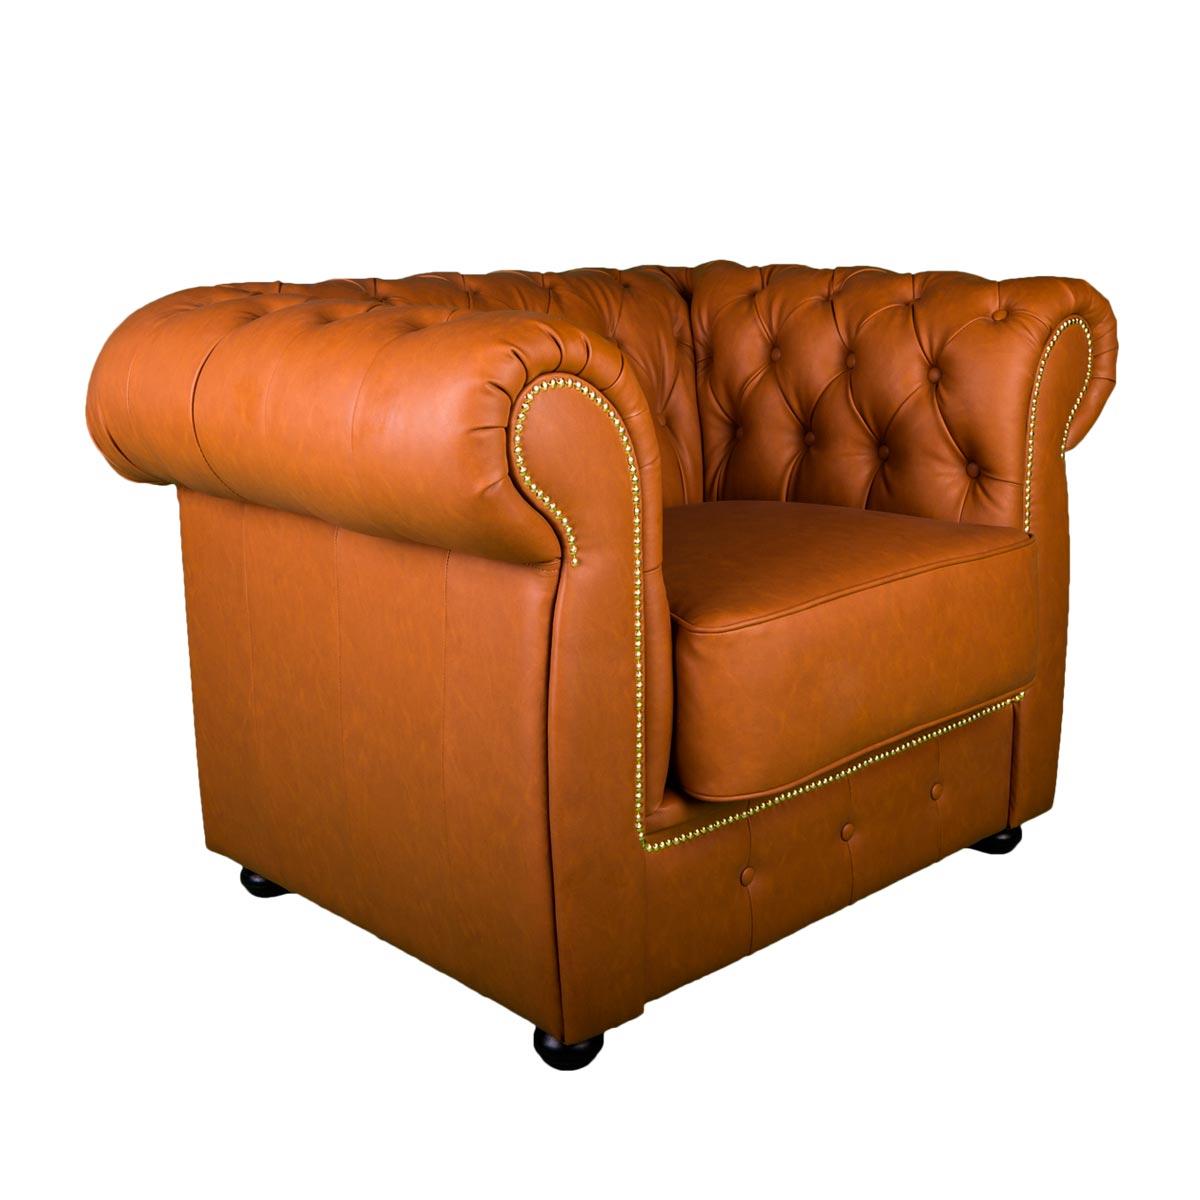 Chester fotelja - Detal nameštaj